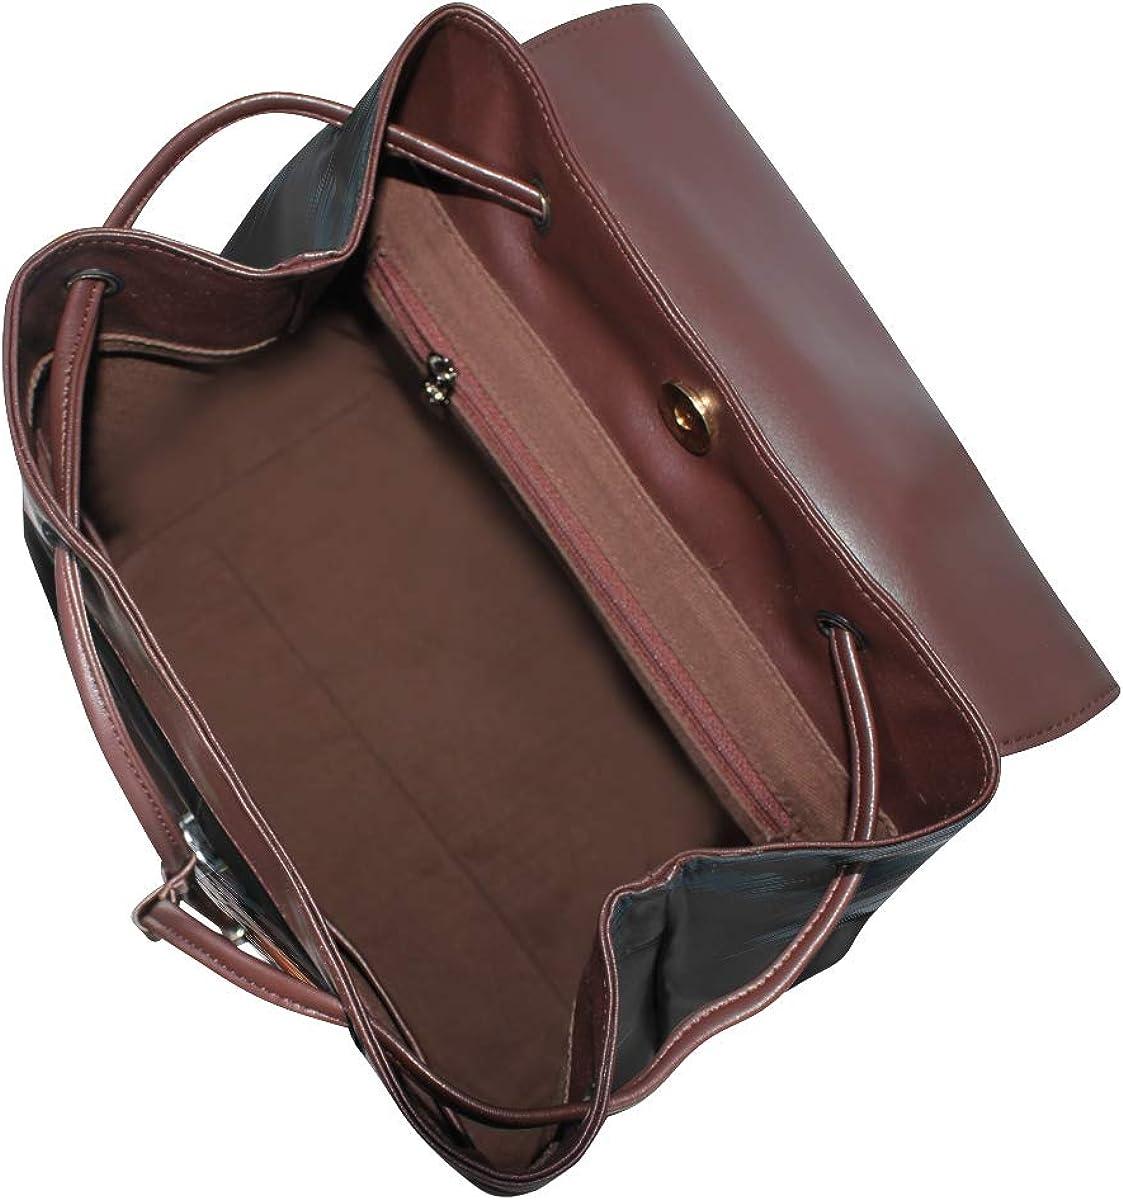 Fierce Animal Wolf Daily Shoulder Bag Women Fashion Bags Drawstring Waterproof Womans Fashion Bags Girls Bag Fashion For Women